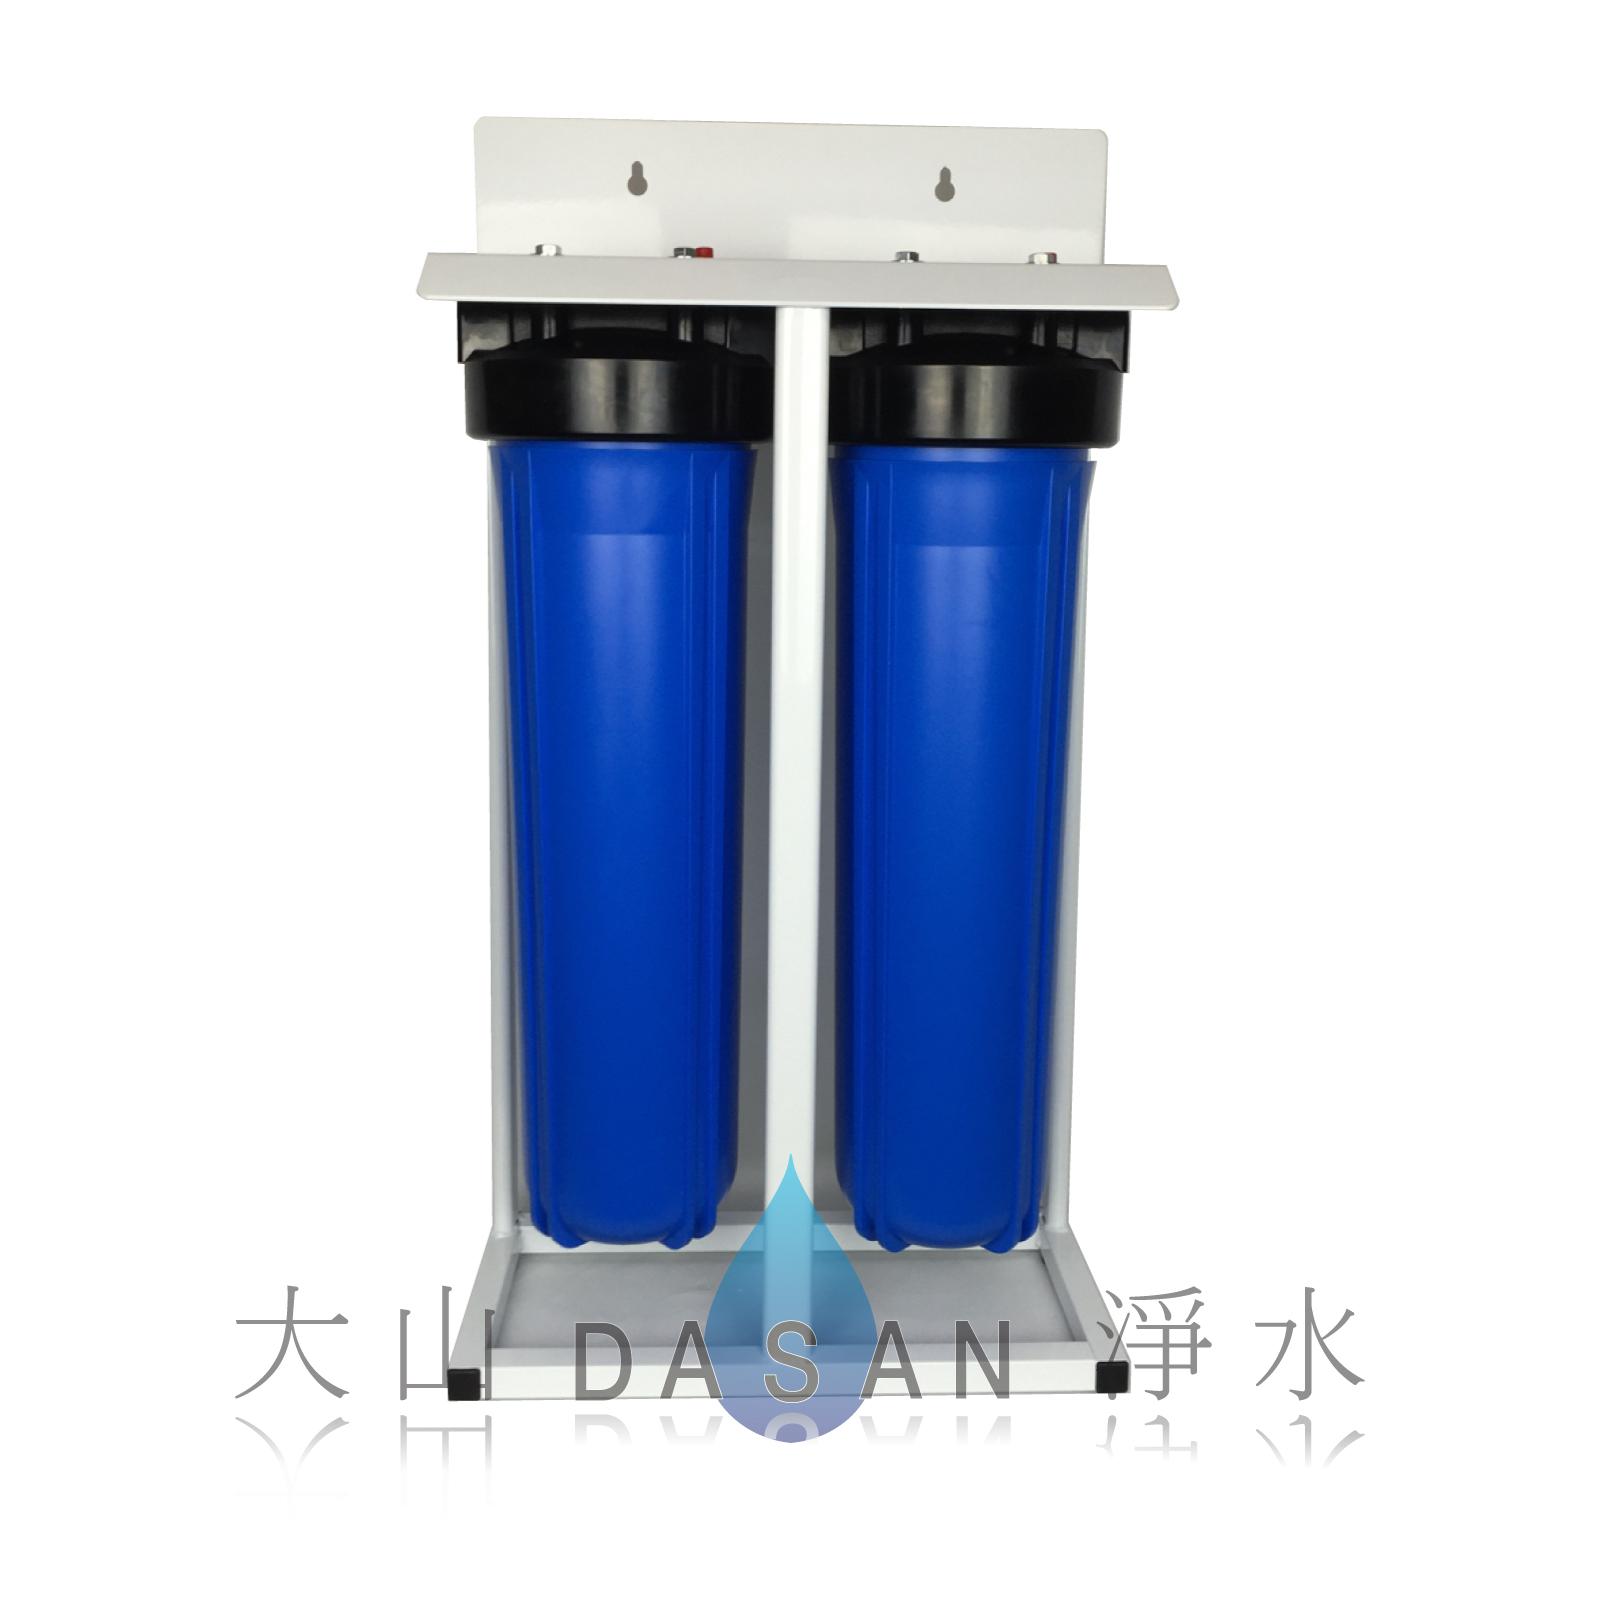 全戶過濾器 | 大山淨水有限公司